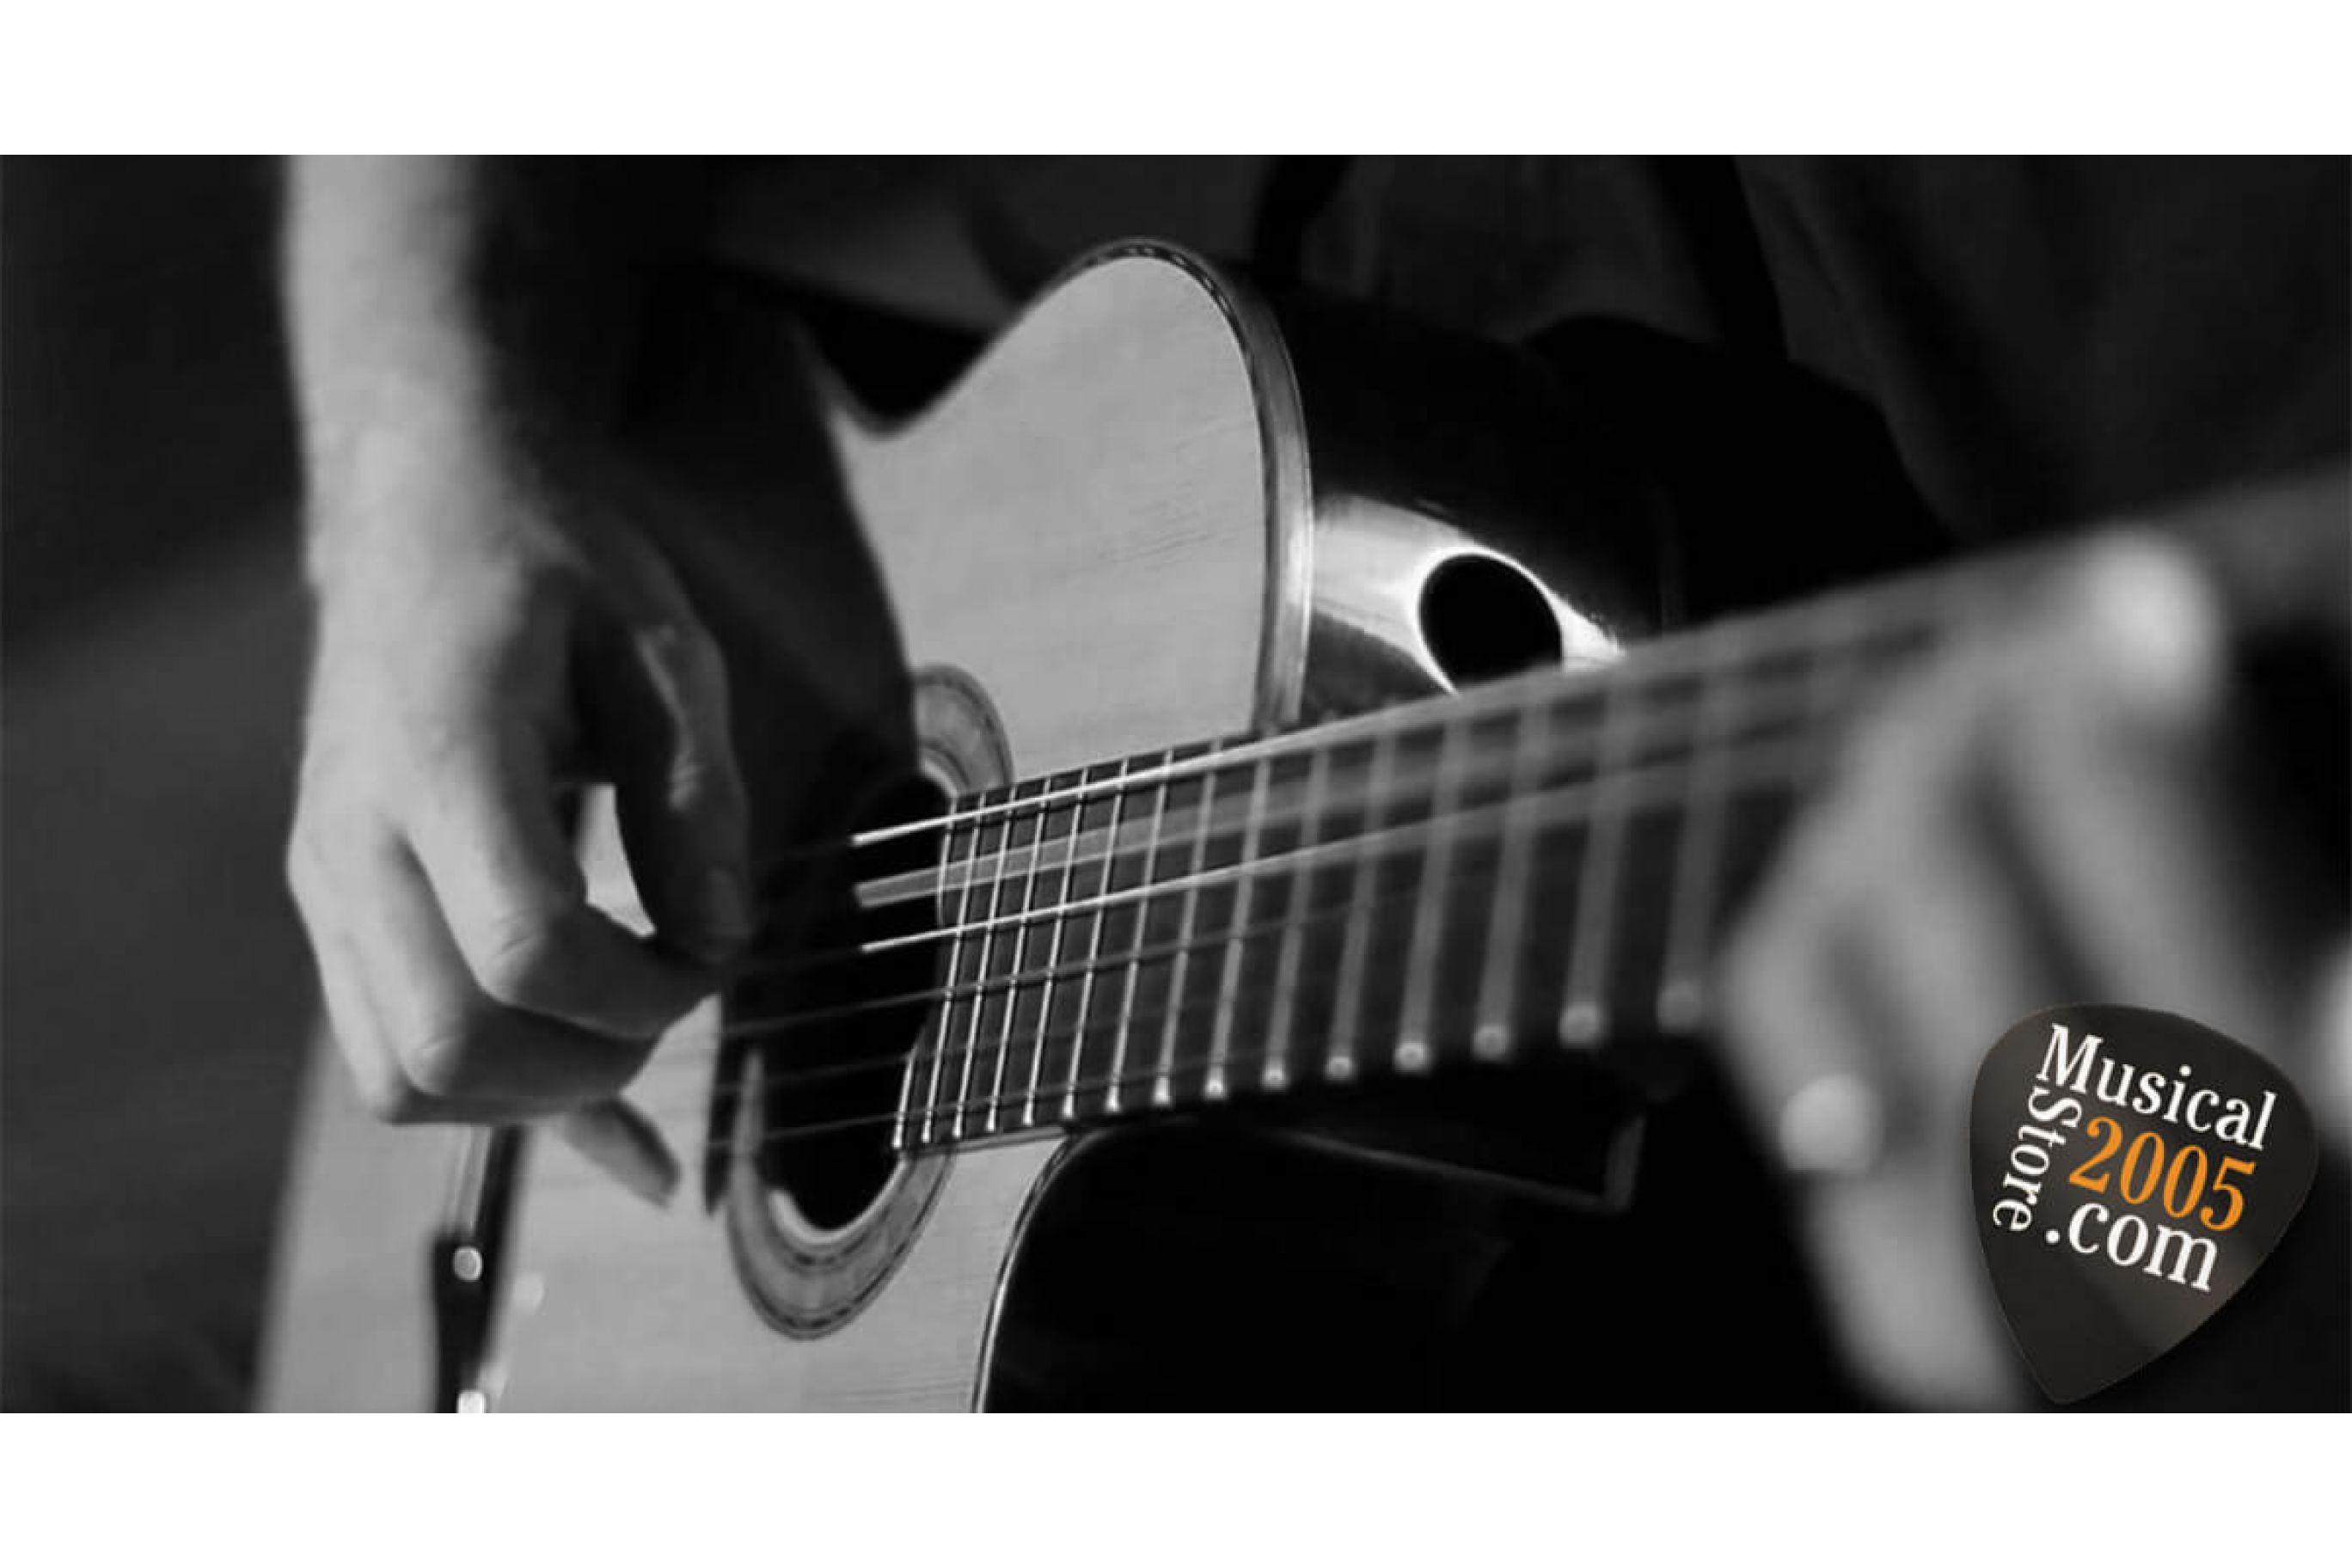 Giri Armonici e accordi per chitarra, come sciogliere ogni dubbio in proposito!